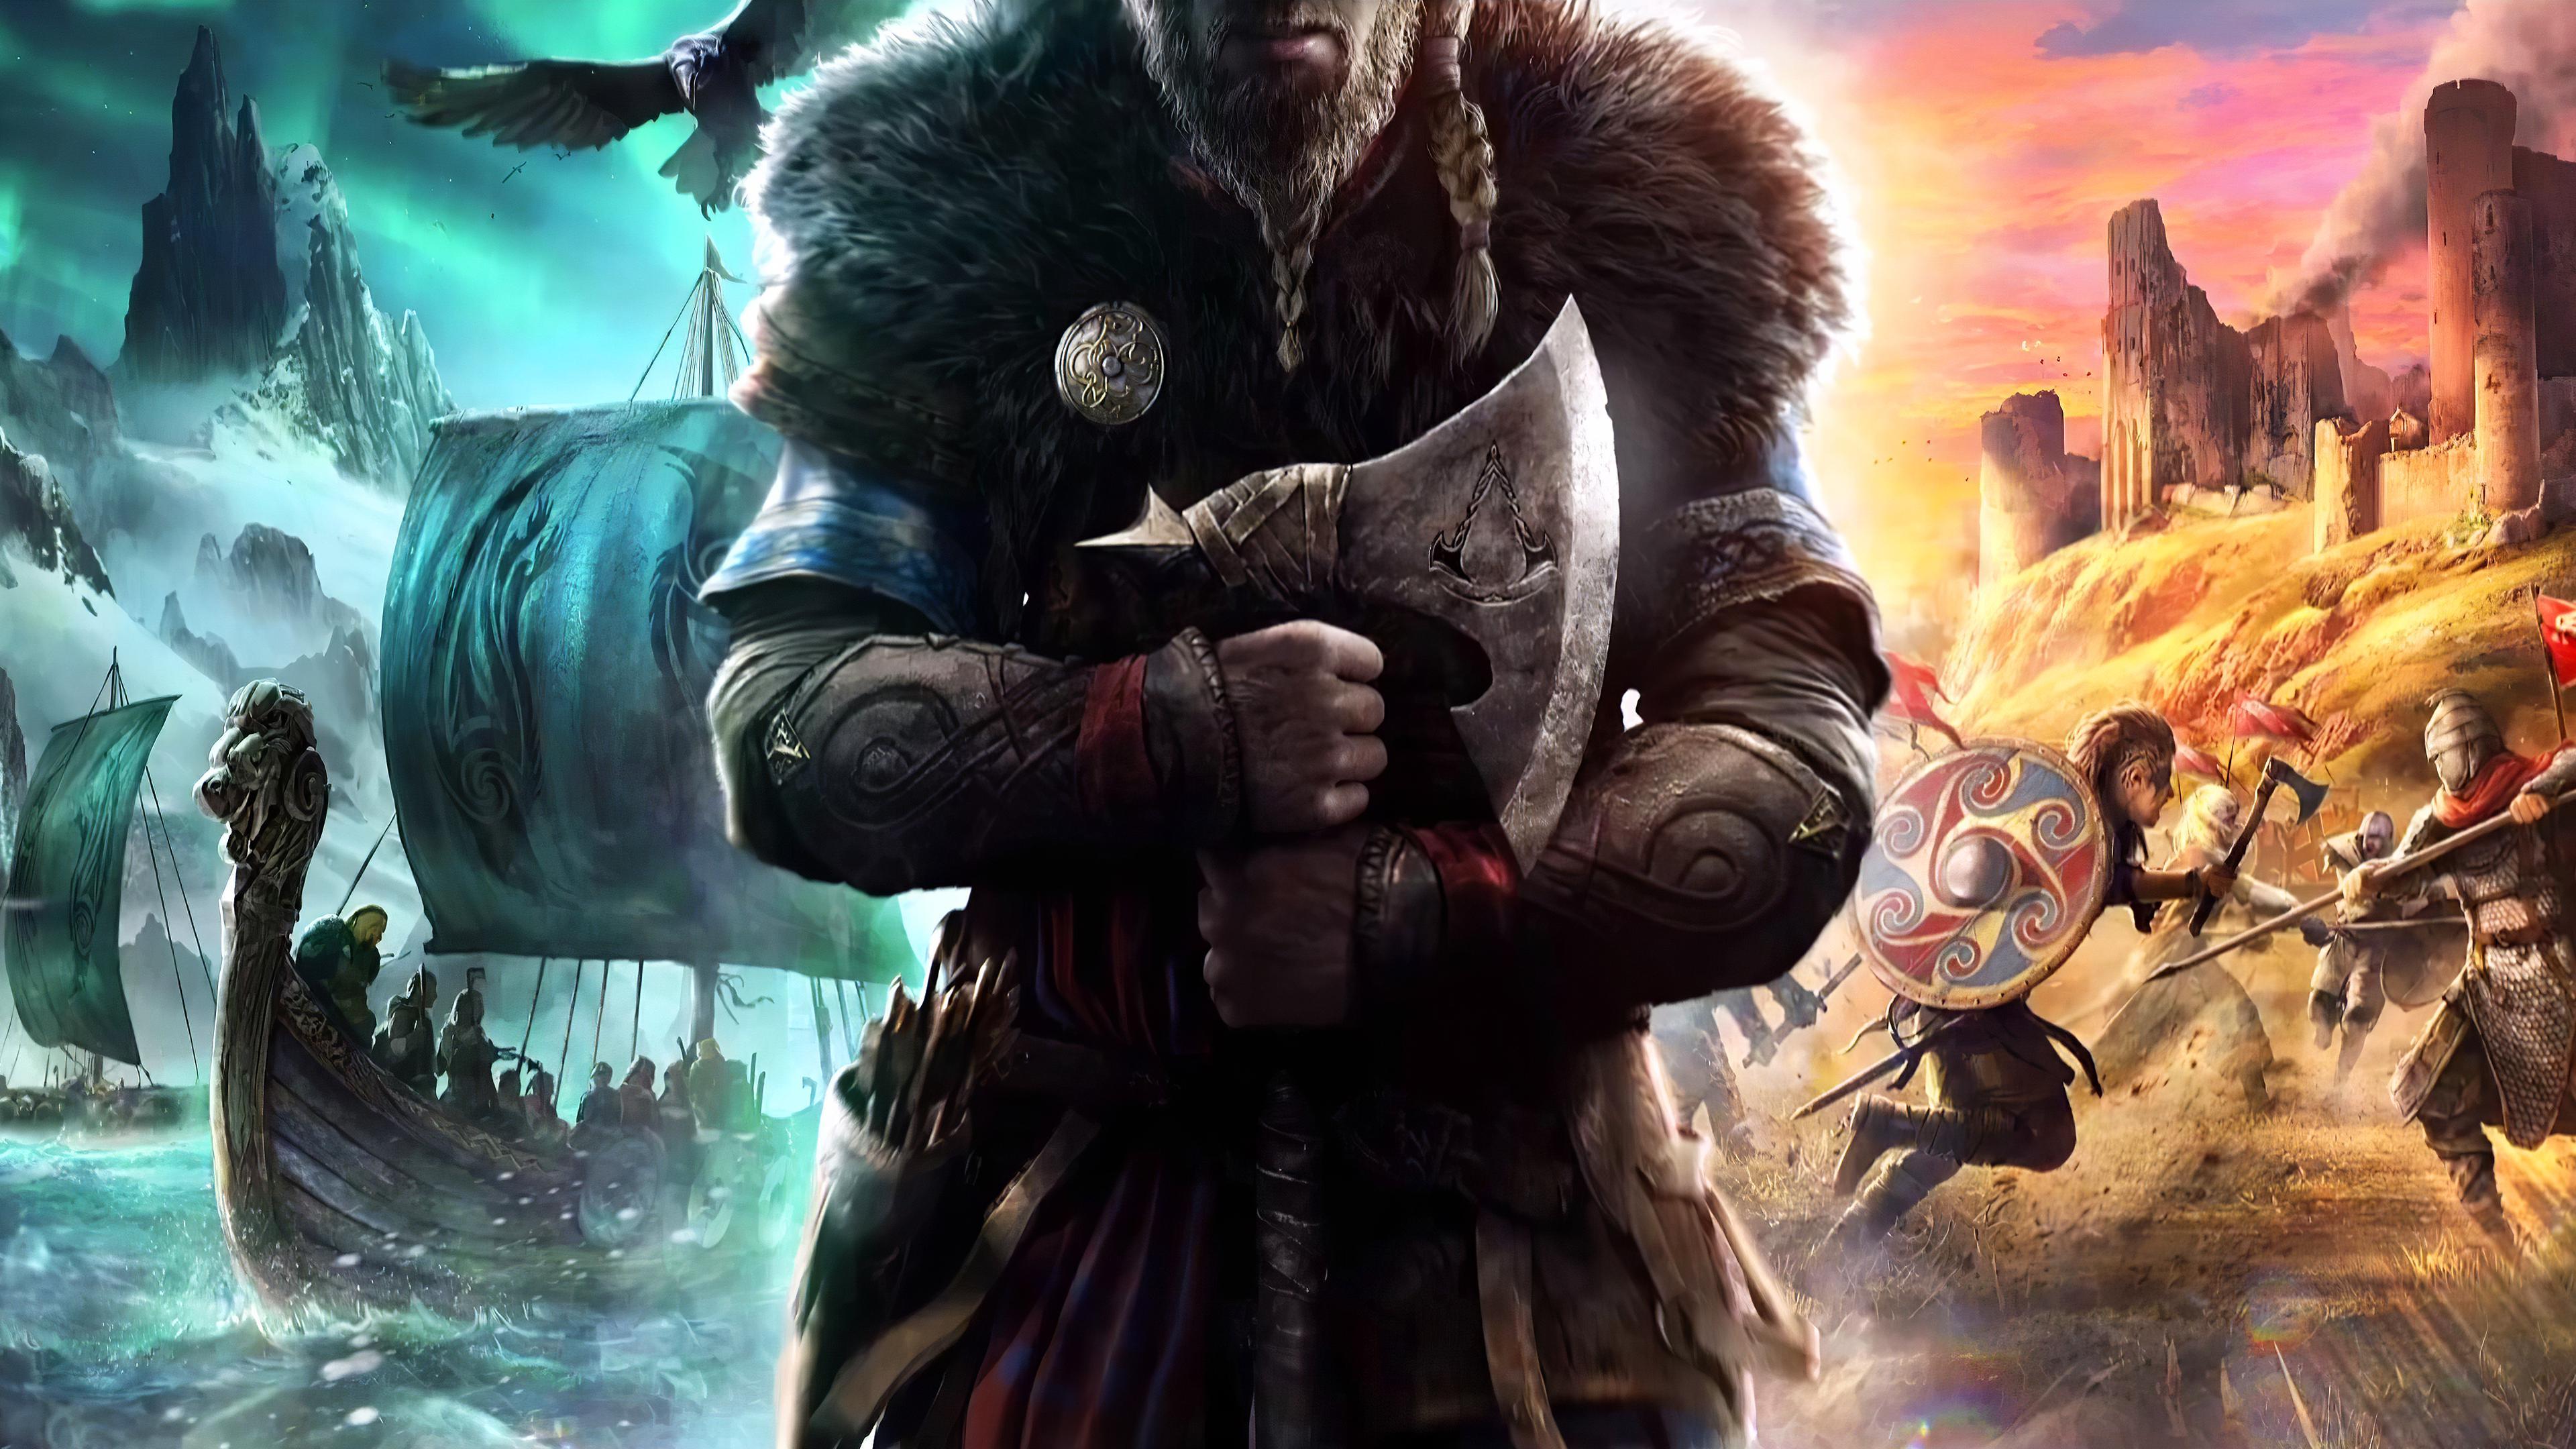 Assassins Creed Valhalla 4k Wallpaper assassinscreed 3840x2160